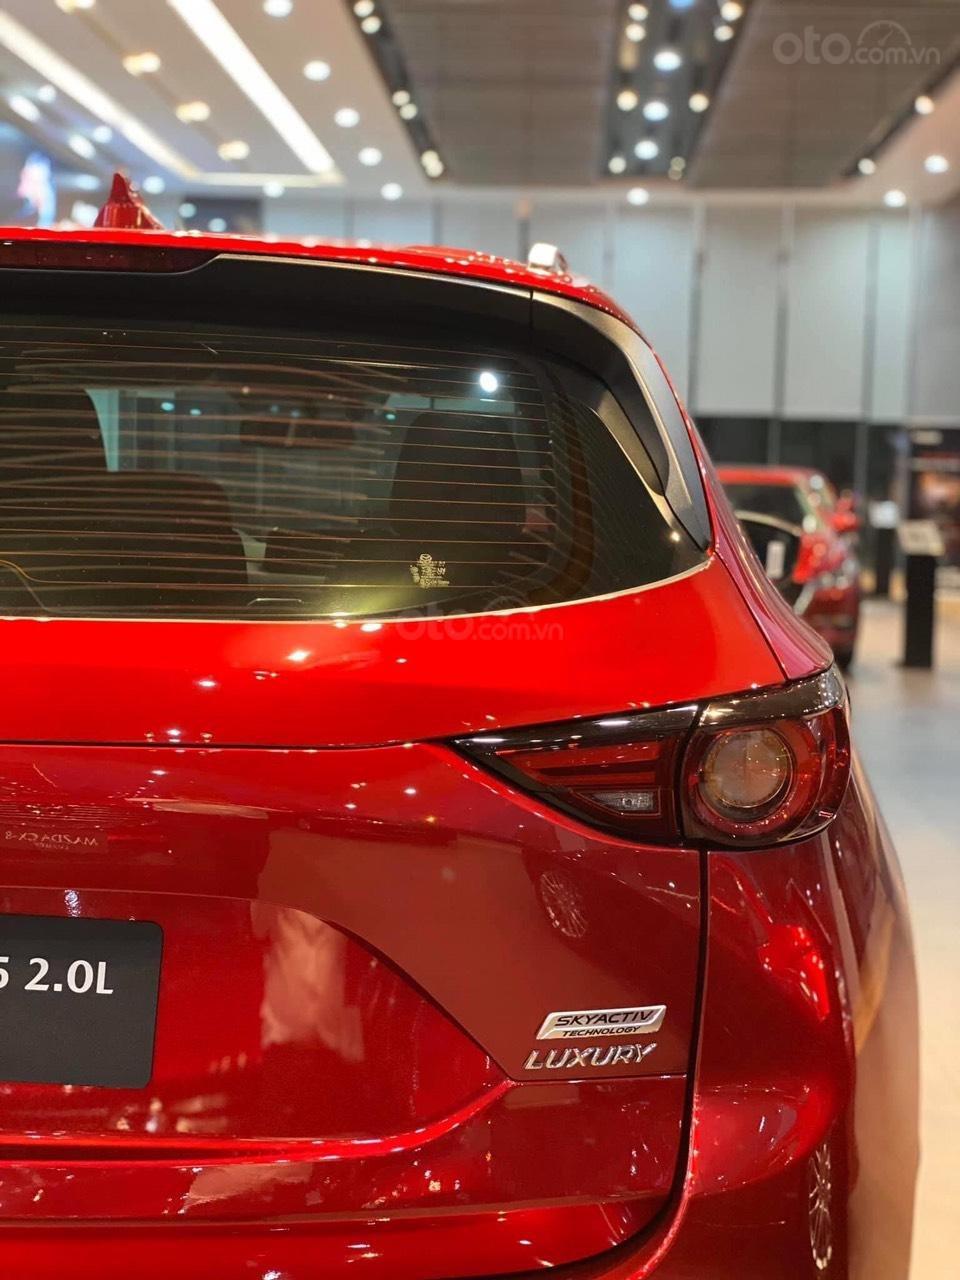 Mazda New CX5 2020 - giảm thuế 50% - trả trước 220tr - cam kết giá tốt nhất (4)